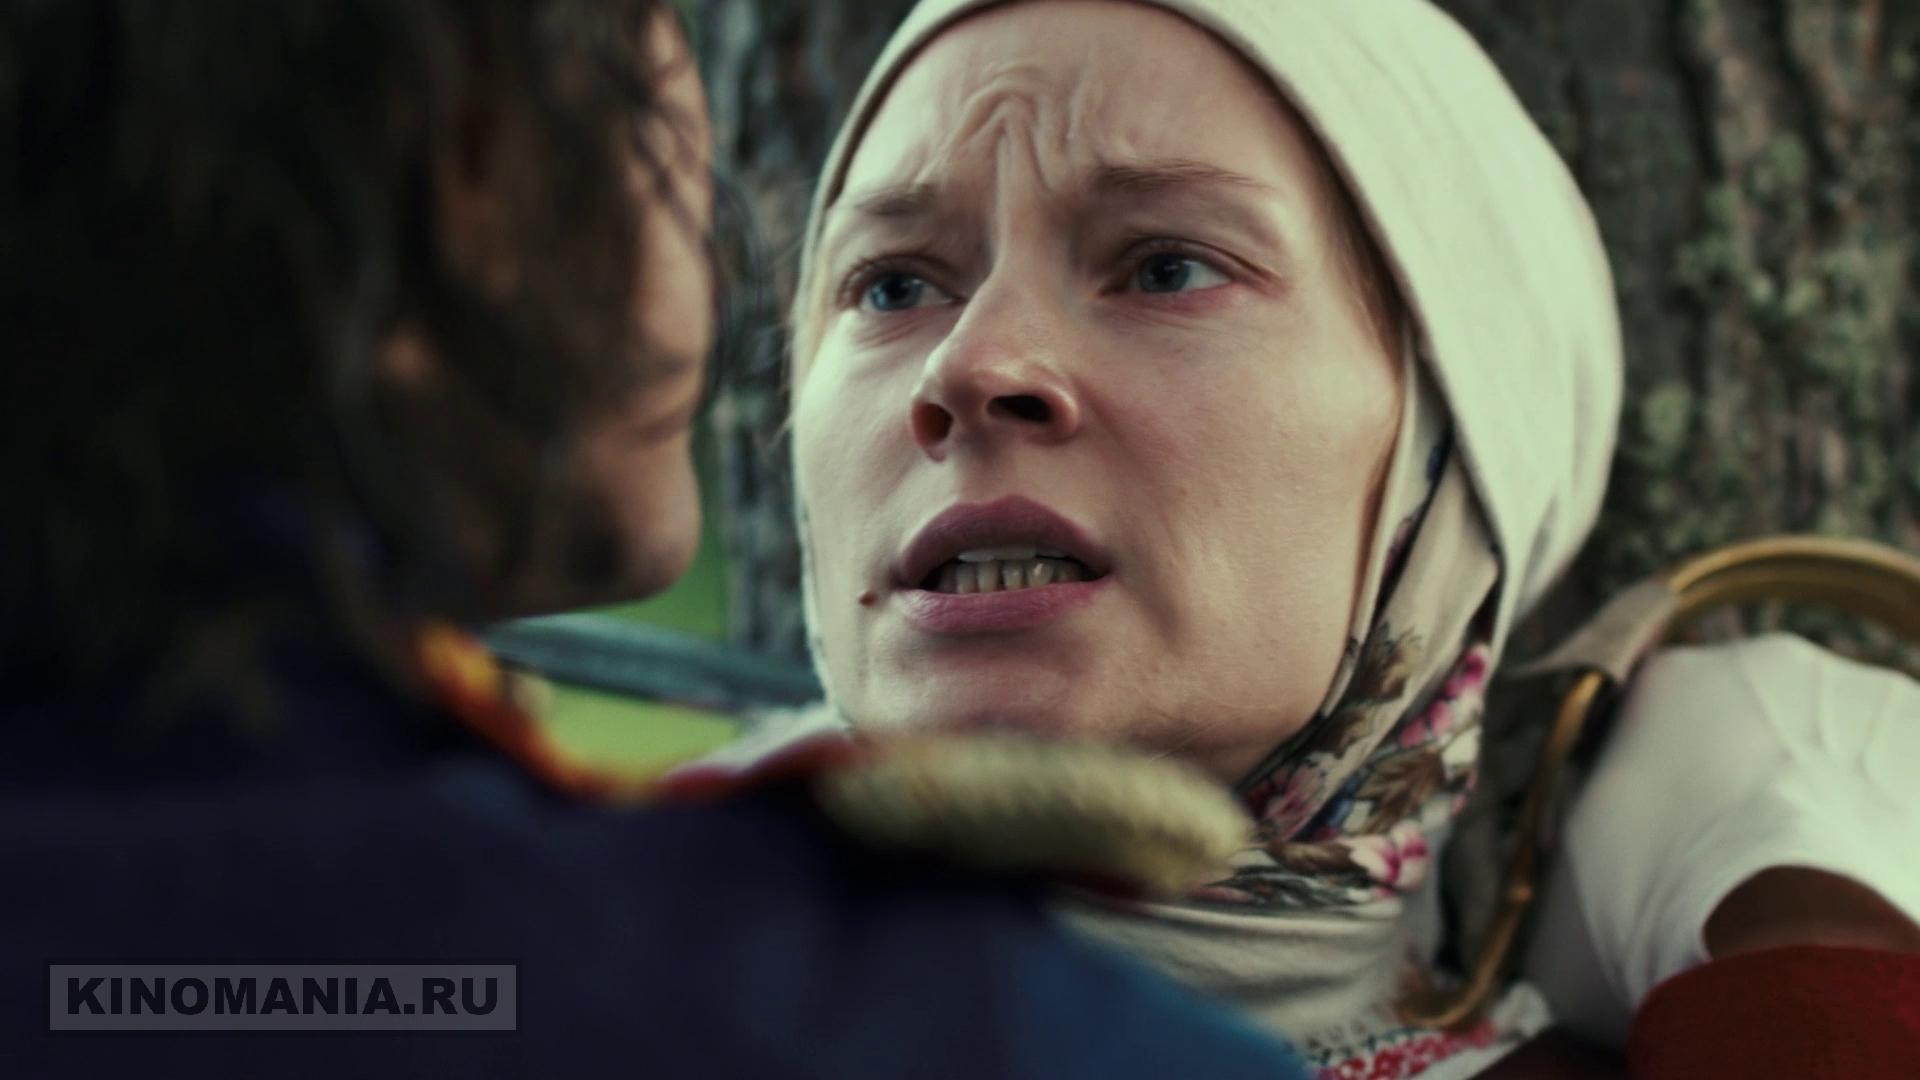 Сериал Квест смотреть 1 сезон онлайн бесплатно 2018 все серии / The